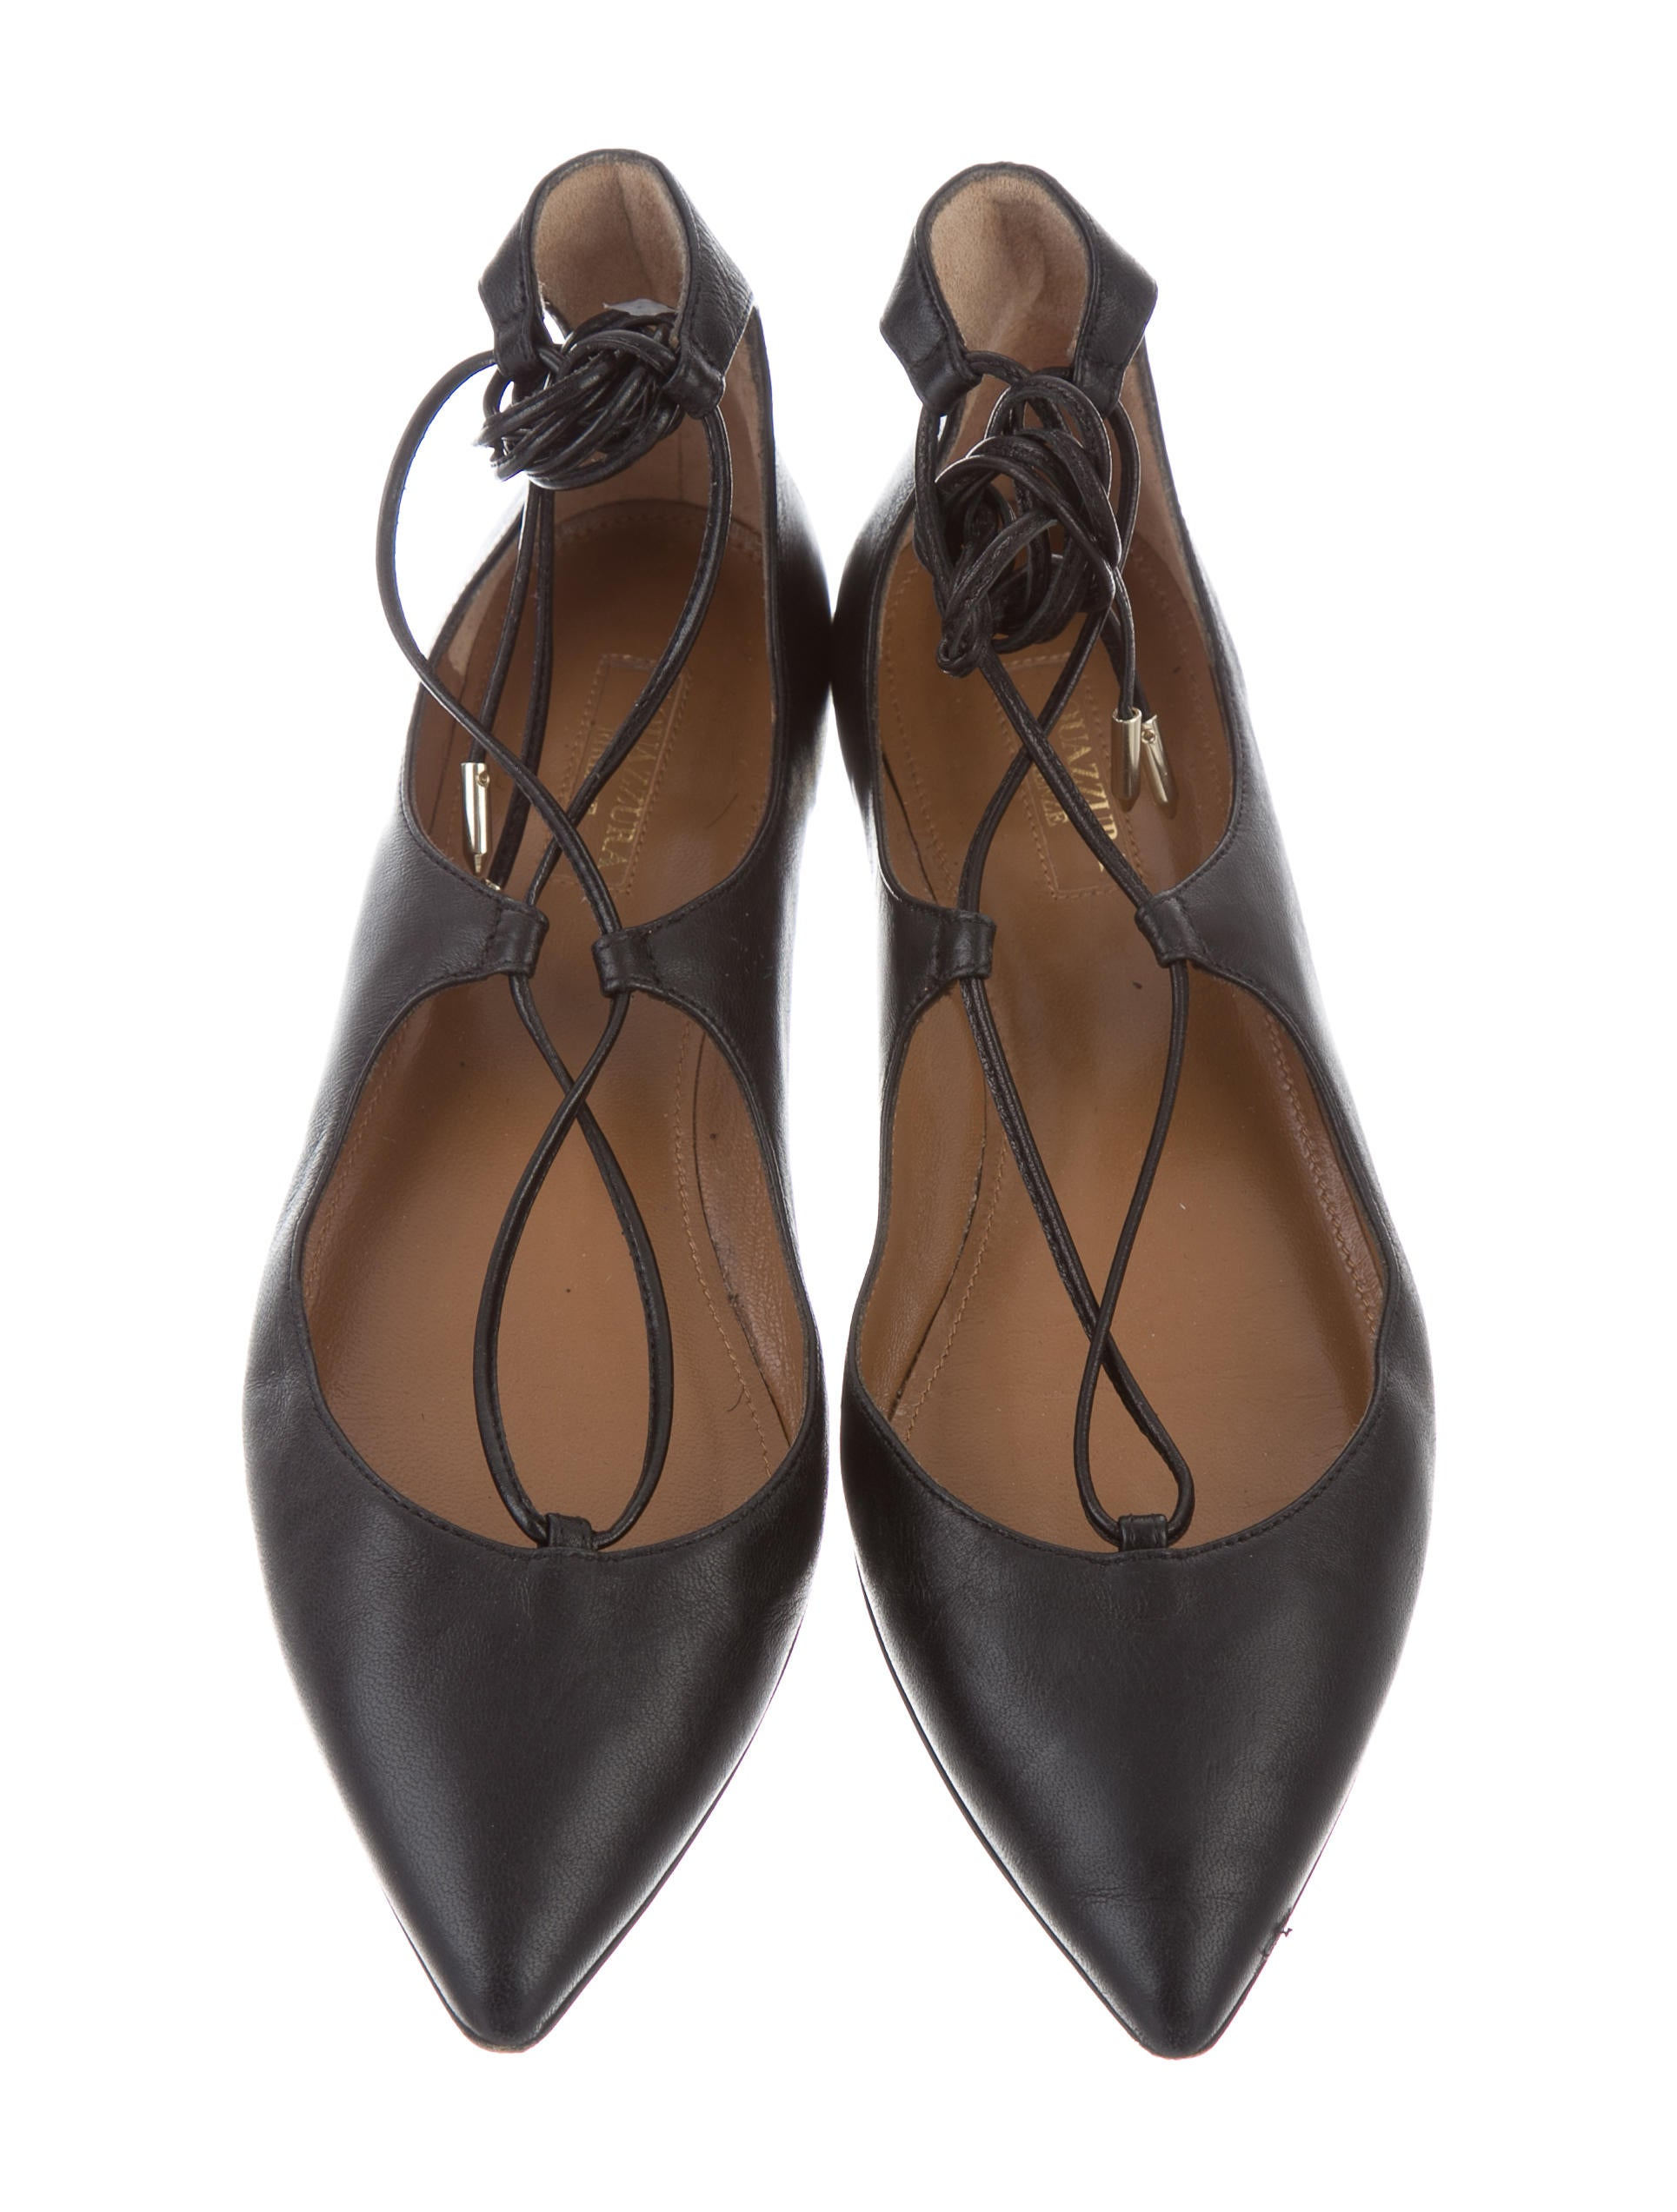 aquazzura lace up flats shoes aqz22407 the